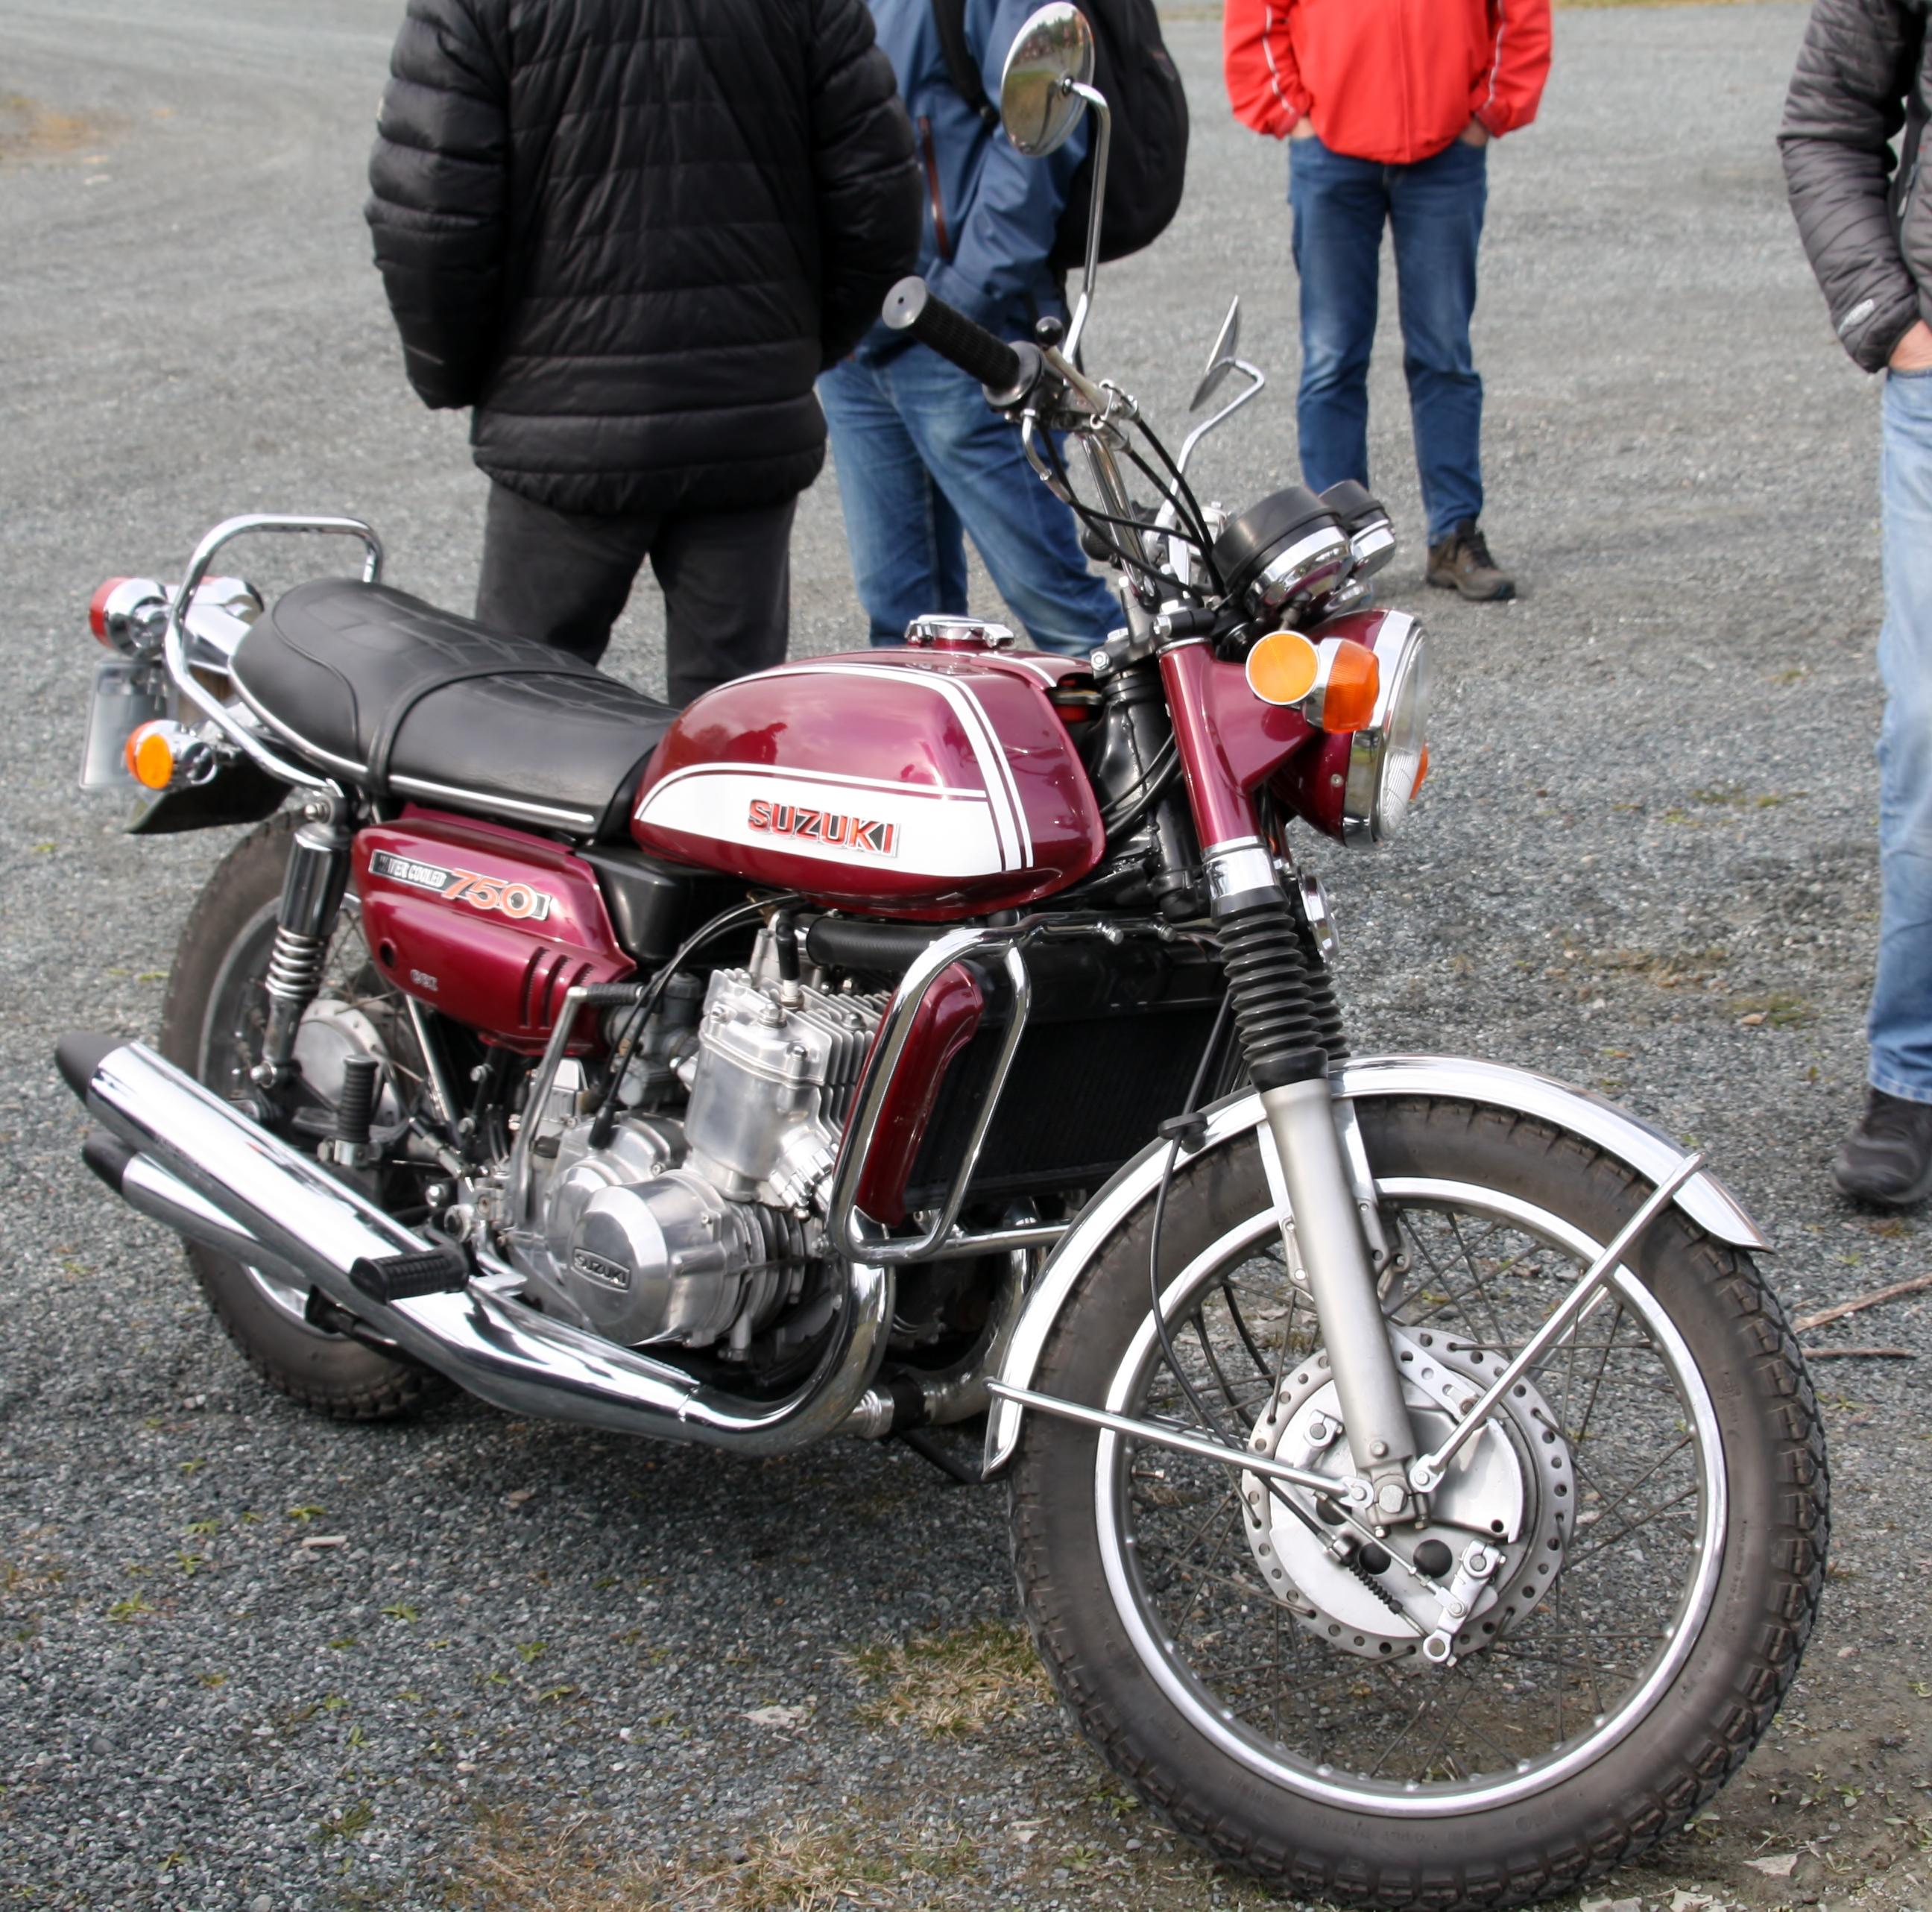 Suzuki 750 (2).JPG